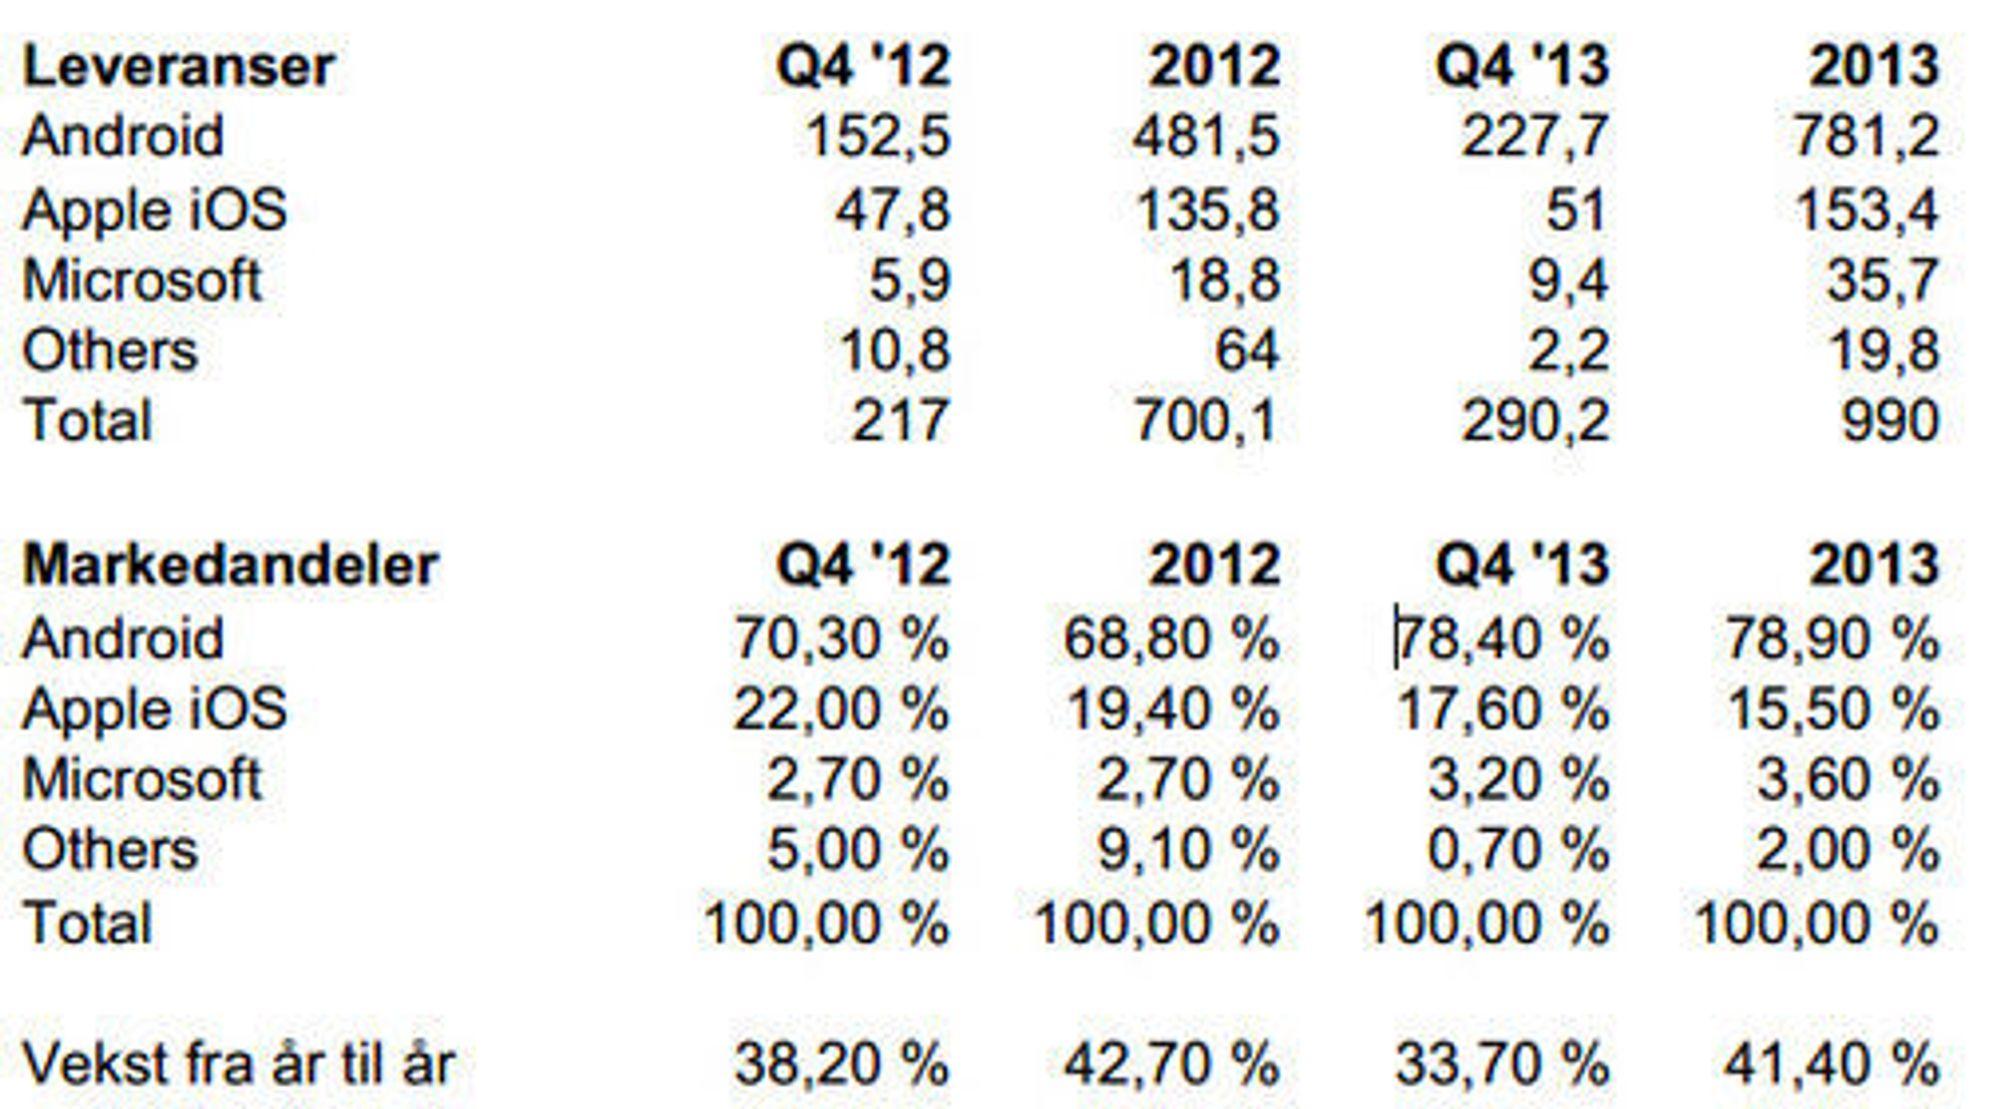 Smartmobilmarkedet i fjerde kvartal i 2013 ifølge Strategy Analytics. Leveransetallene er oppgitt i antall millioner enheter.